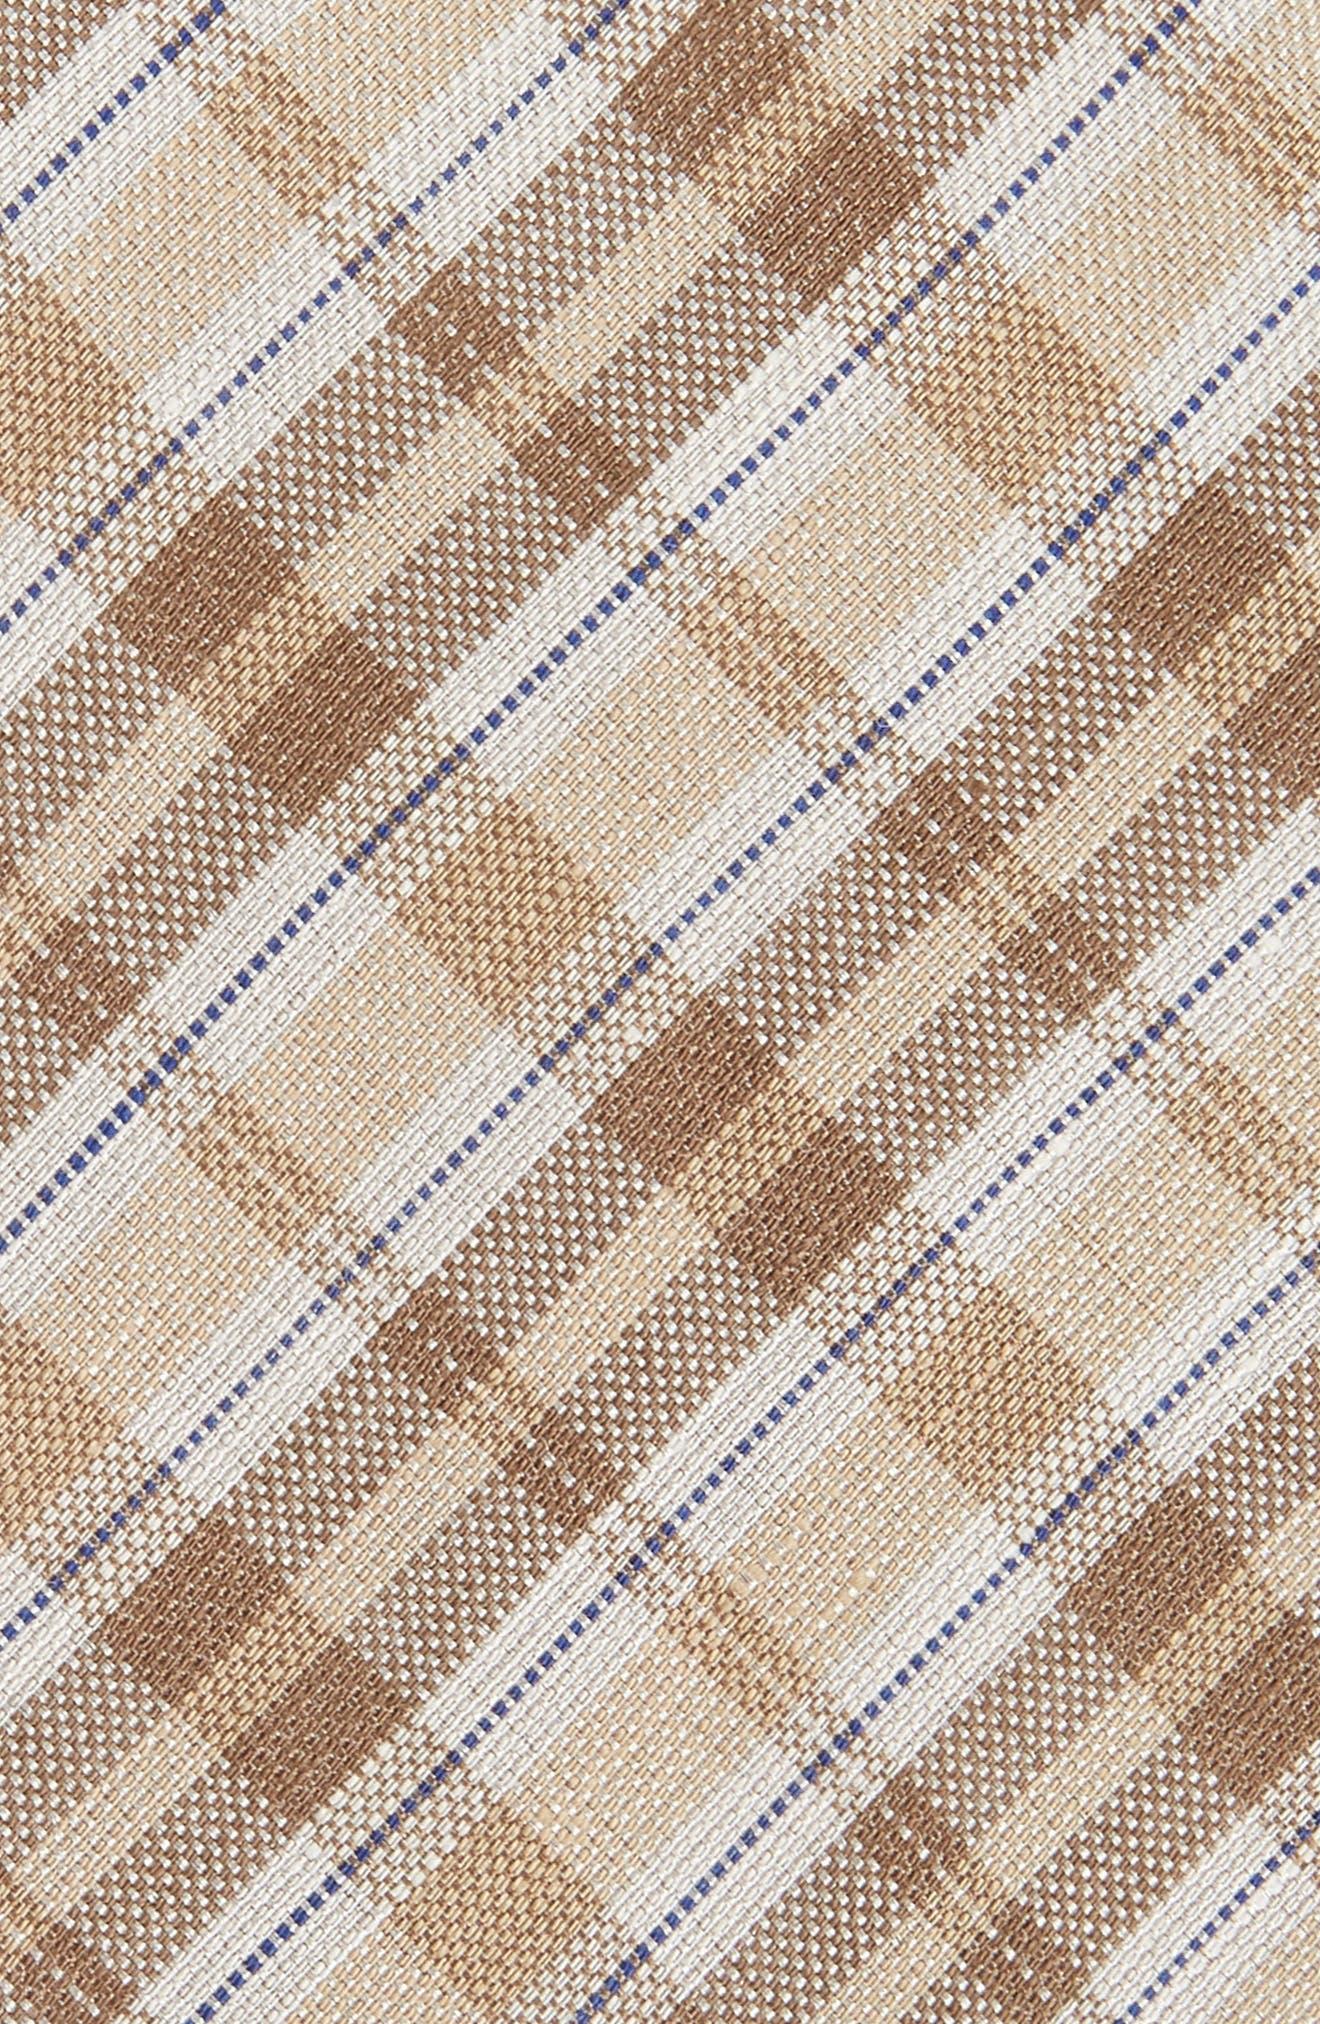 Plaid Linen & Silk Tie,                             Alternate thumbnail 2, color,                             294